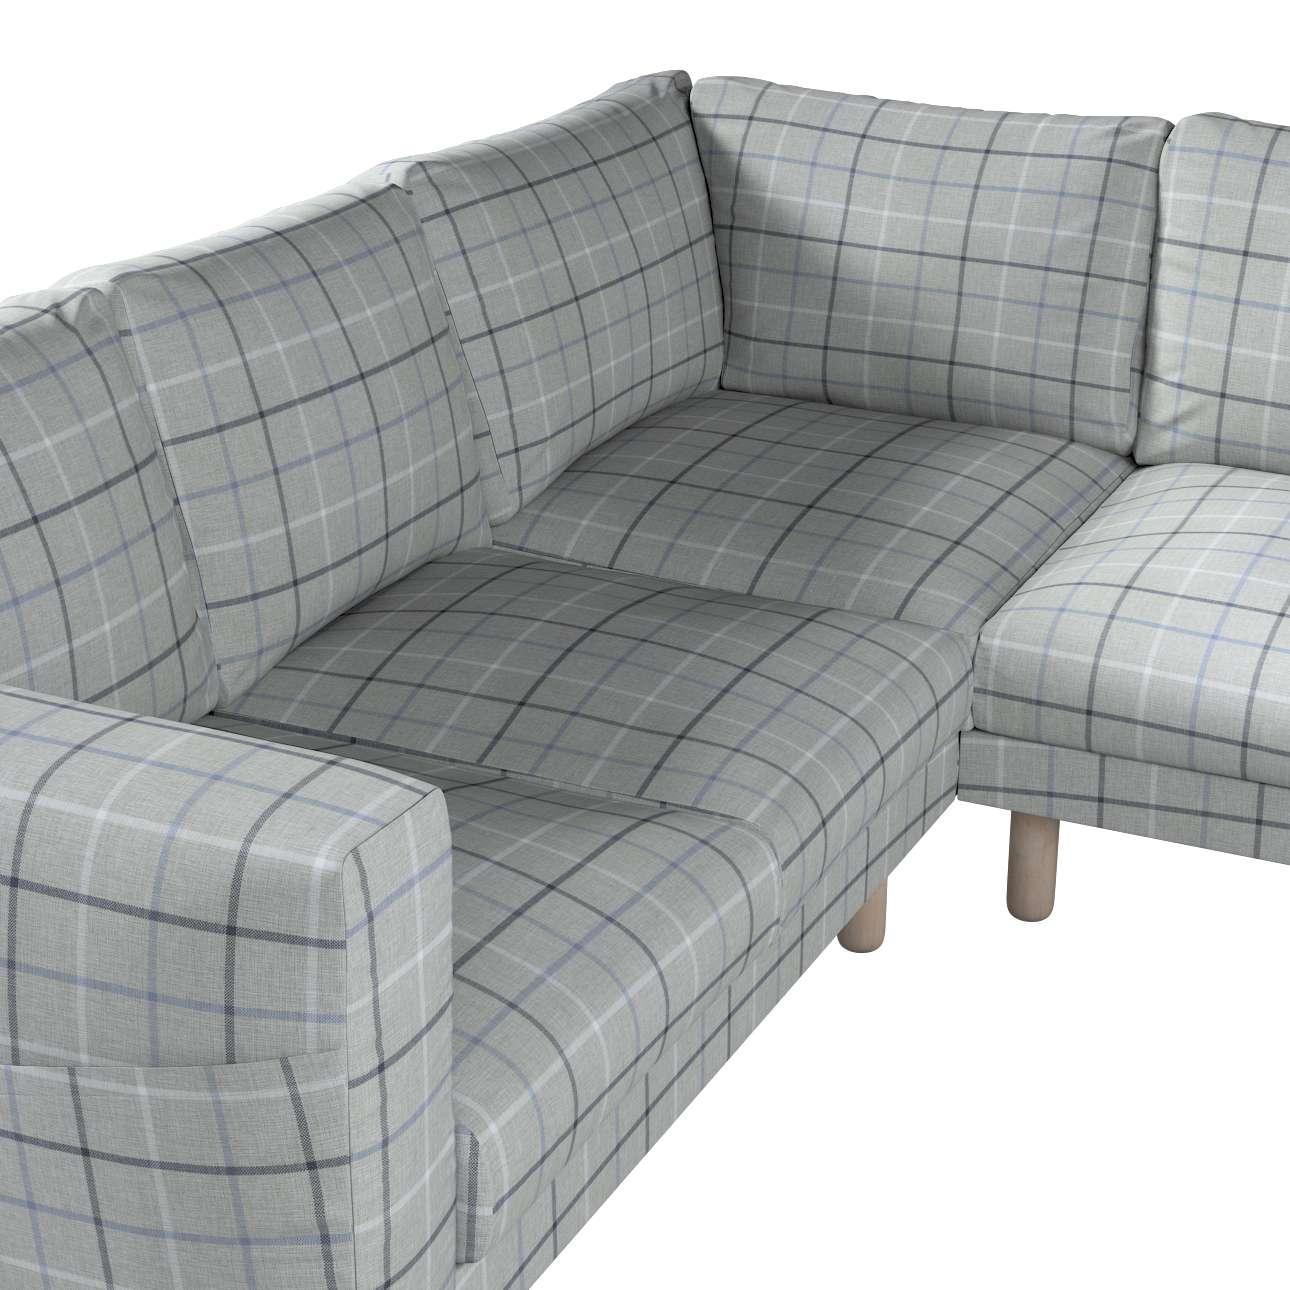 Pokrowiec na sofę narożną Norsborg 4-osobową w kolekcji Edinburgh, tkanina: 703-18